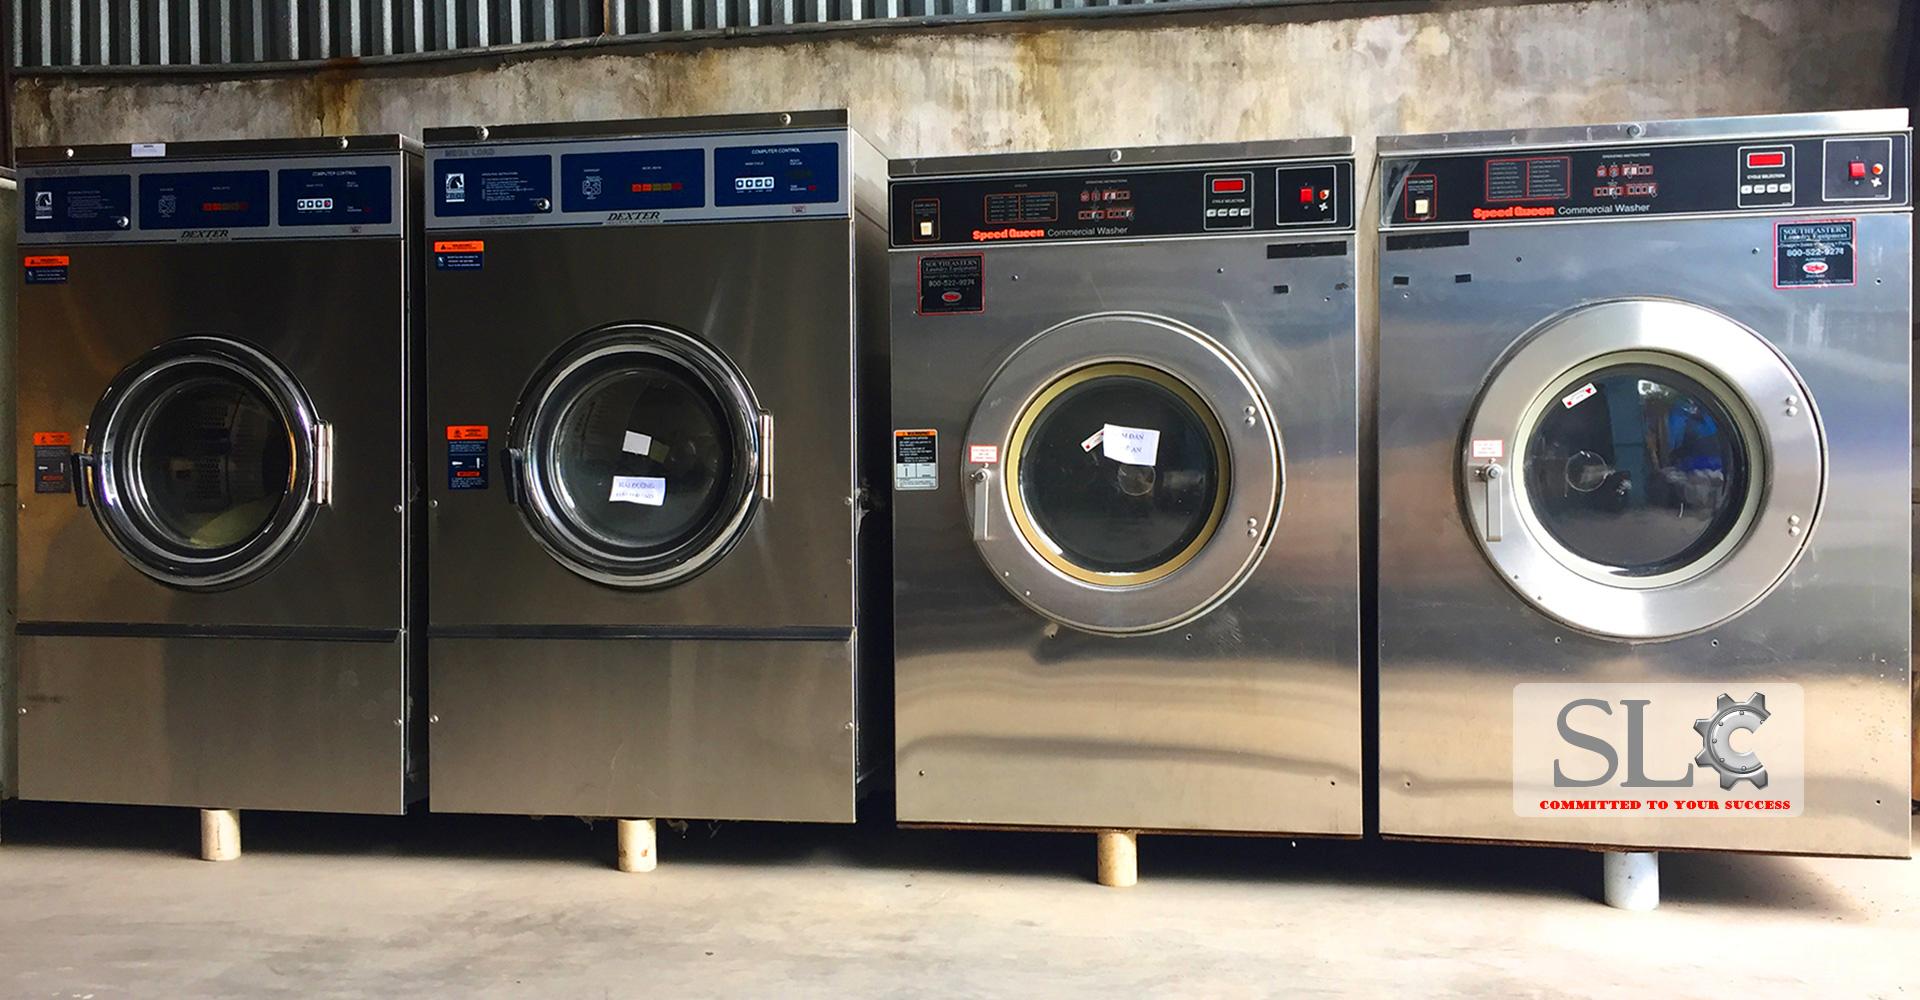 Làm thế nào để bạn kiểm tra máy giặt công nghiệp 20kg 30kg cũ trước khi mua?